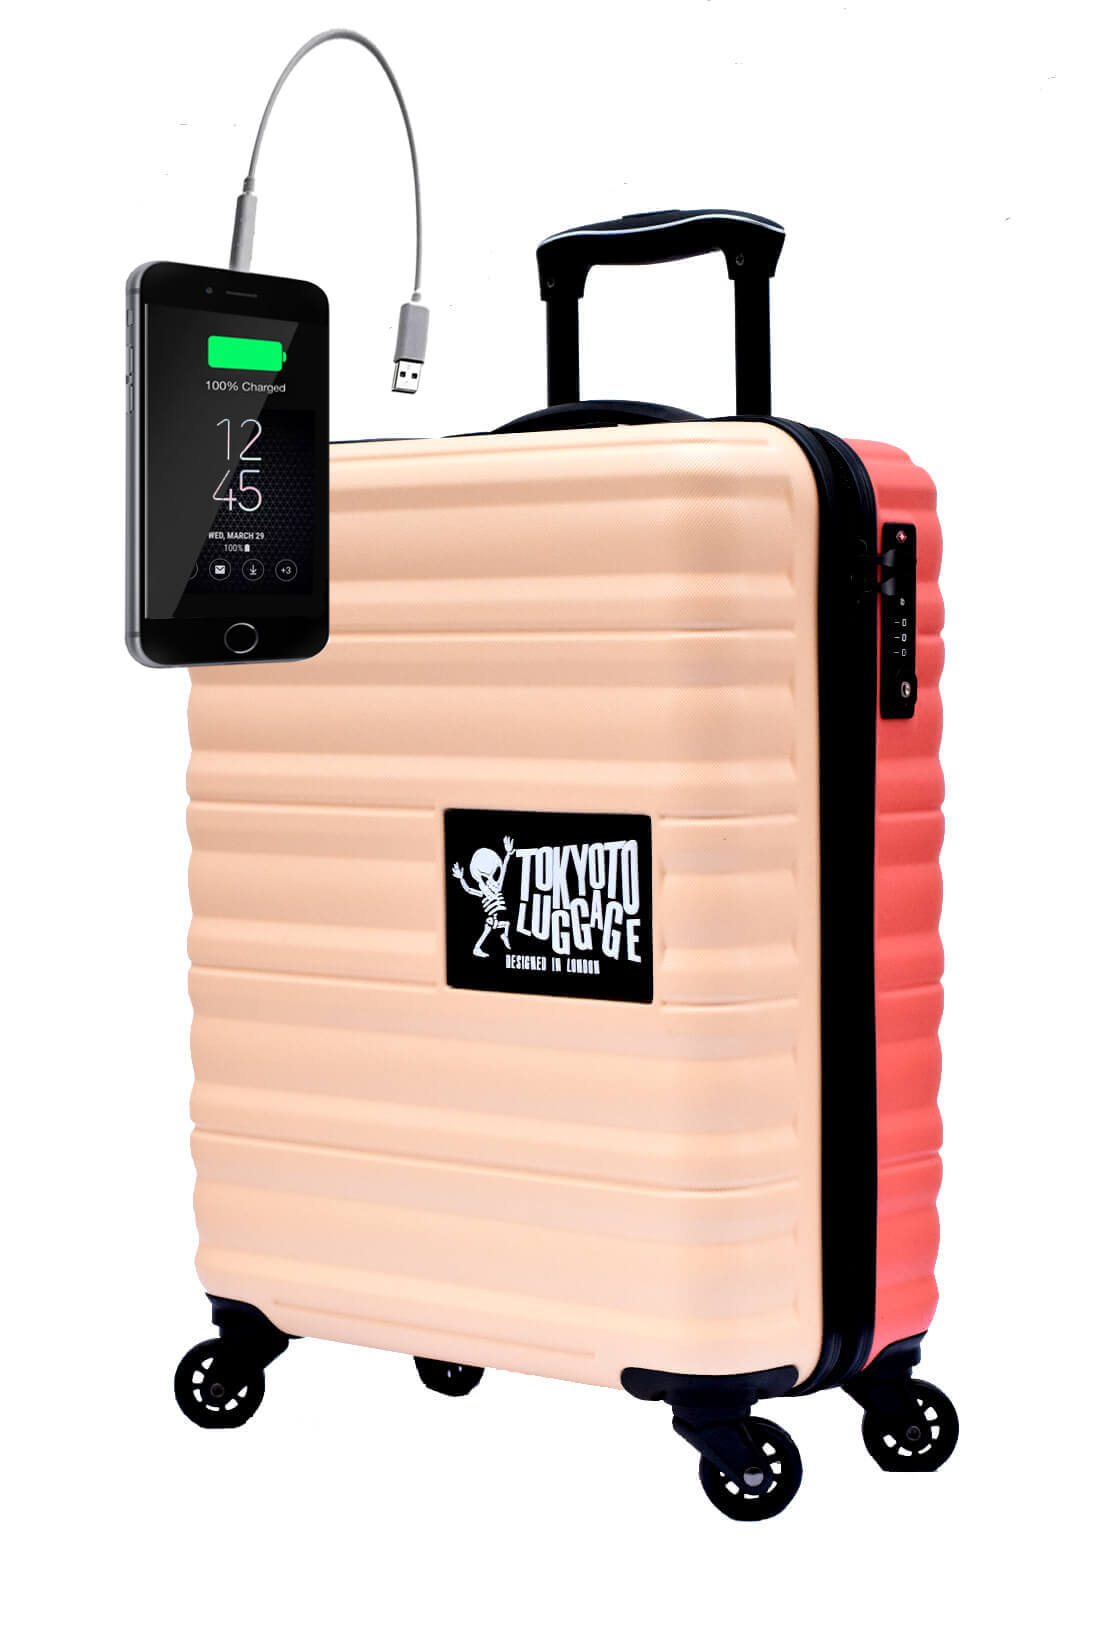 Kindertrolley Kindergepäck Reisekoffer Hartschalen-Koffer Trolley Rollkoffer Reisekoffer mit TSA-Schloss und 4 Rollen BEIGE CORAL